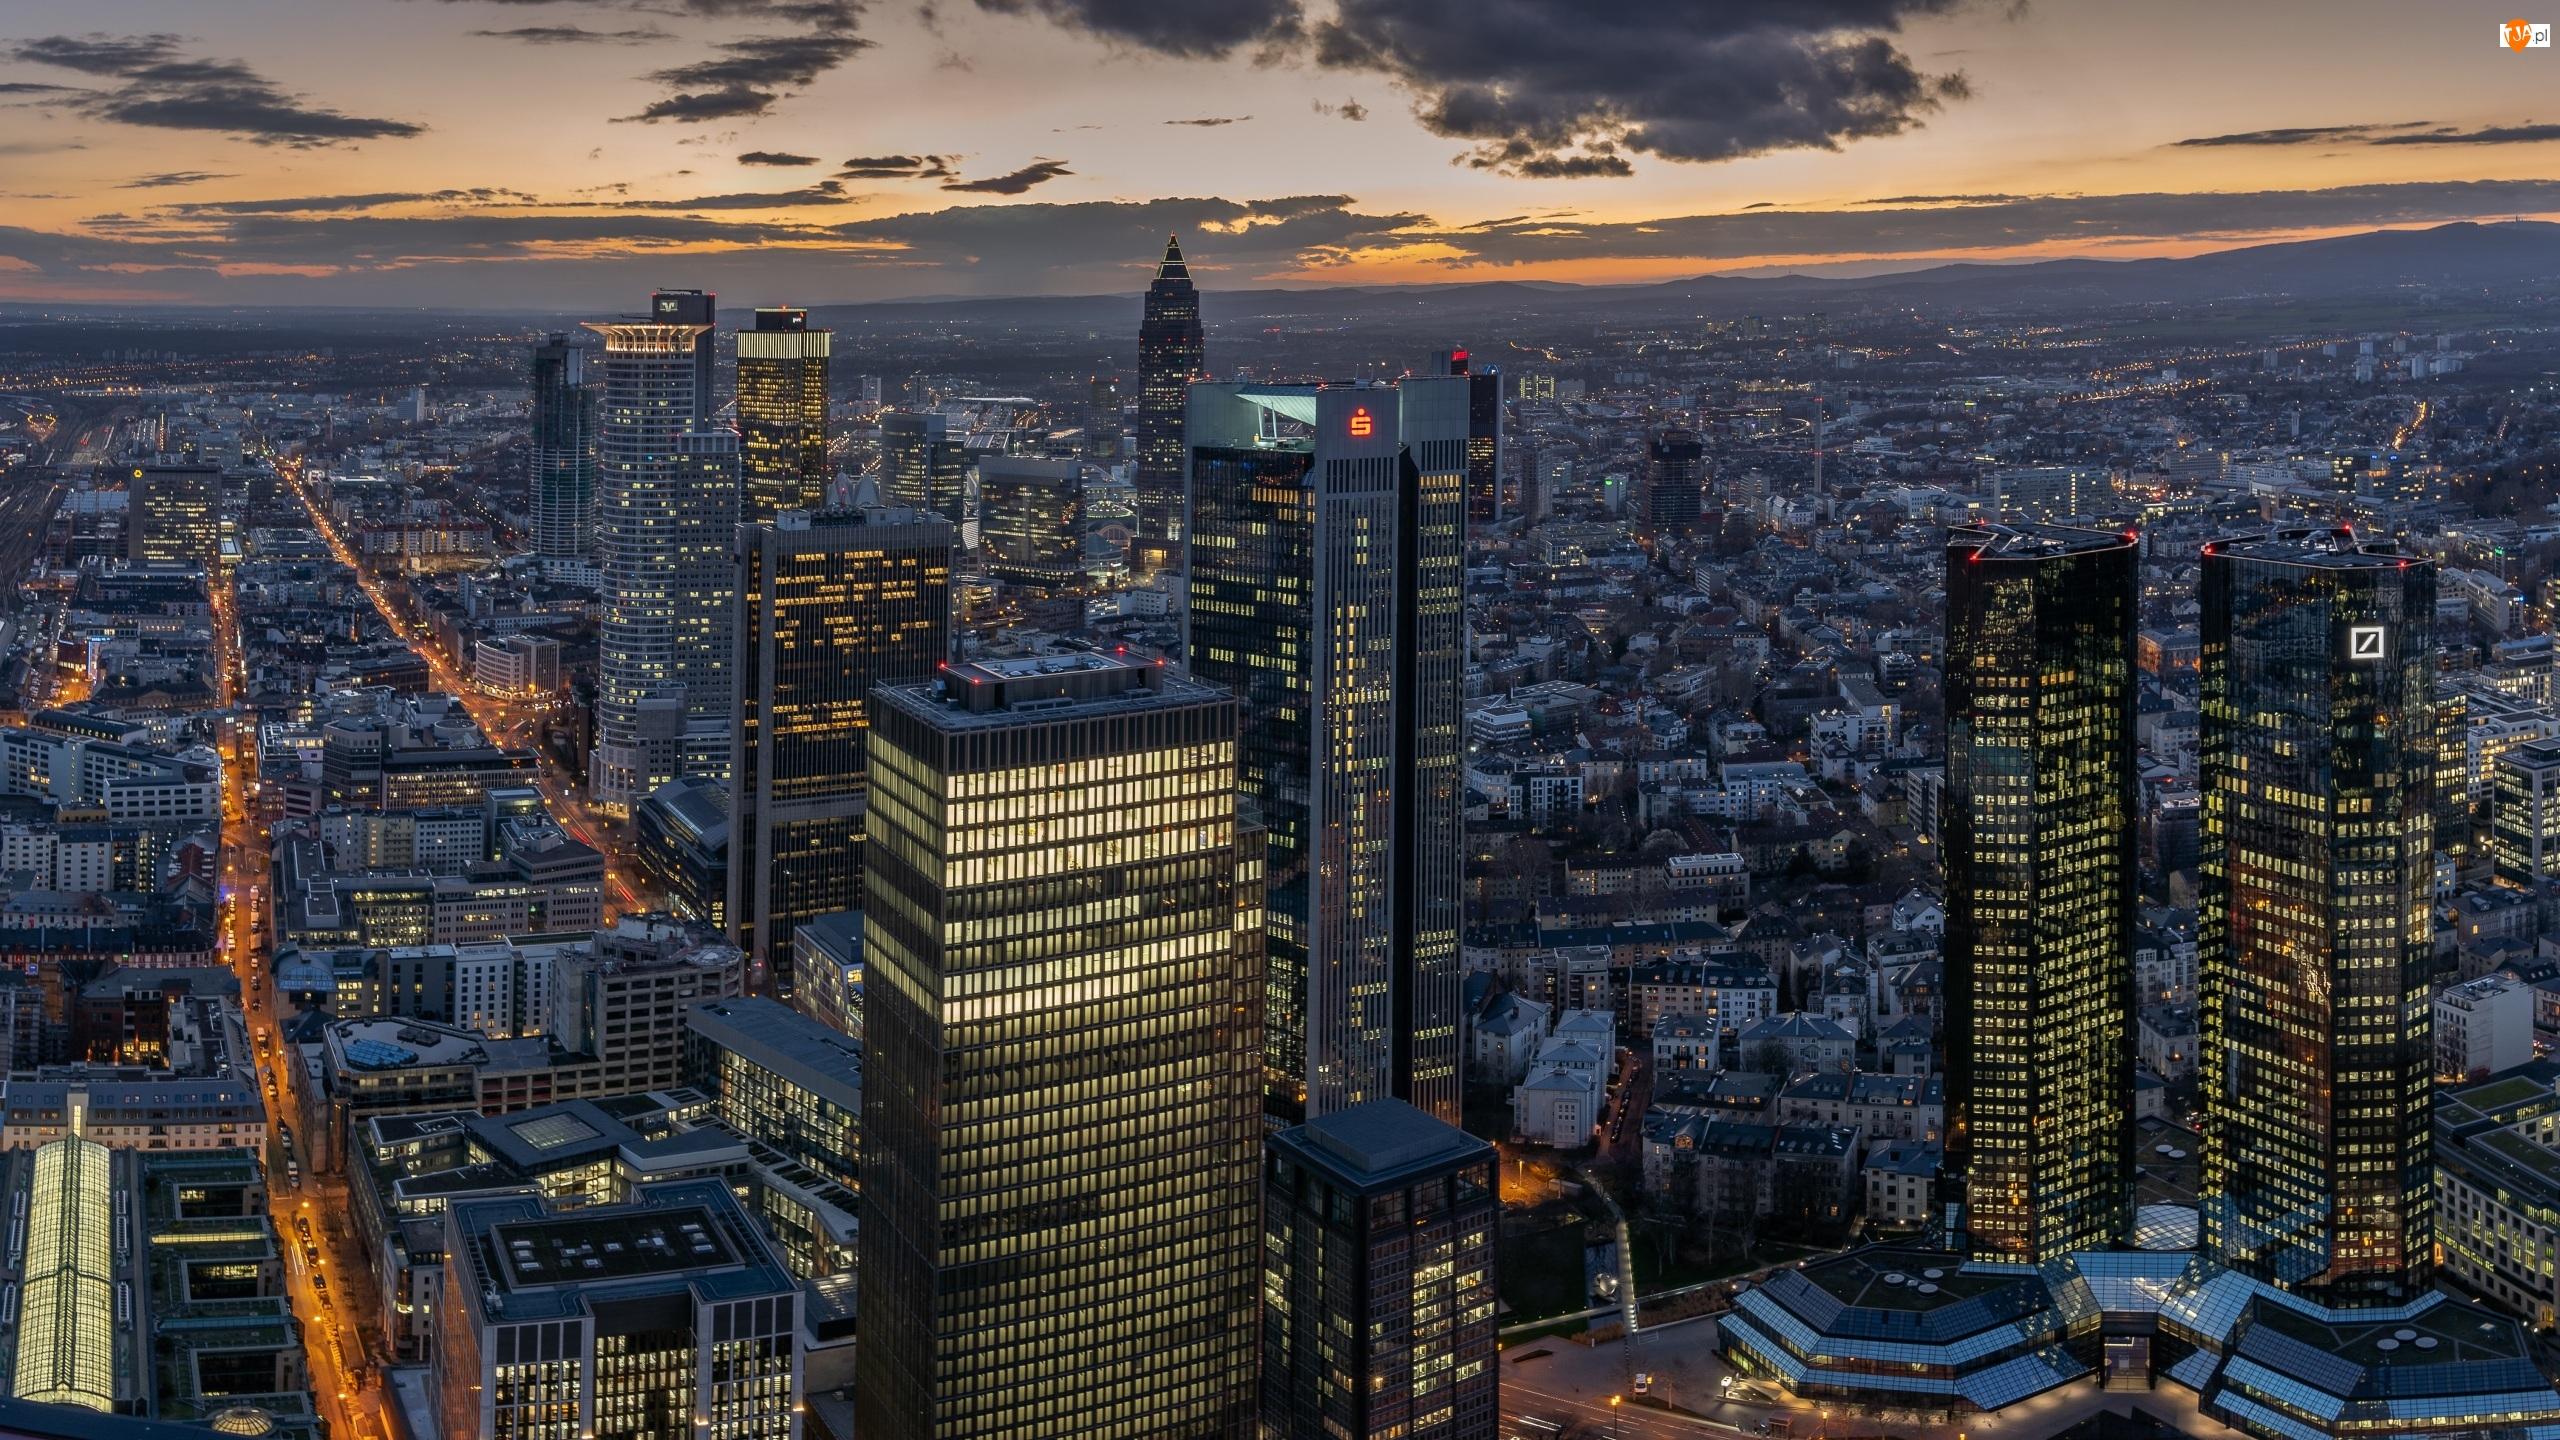 Wieżowce, Niemcy, Domy, Frankfurt nad Menem, Hesja